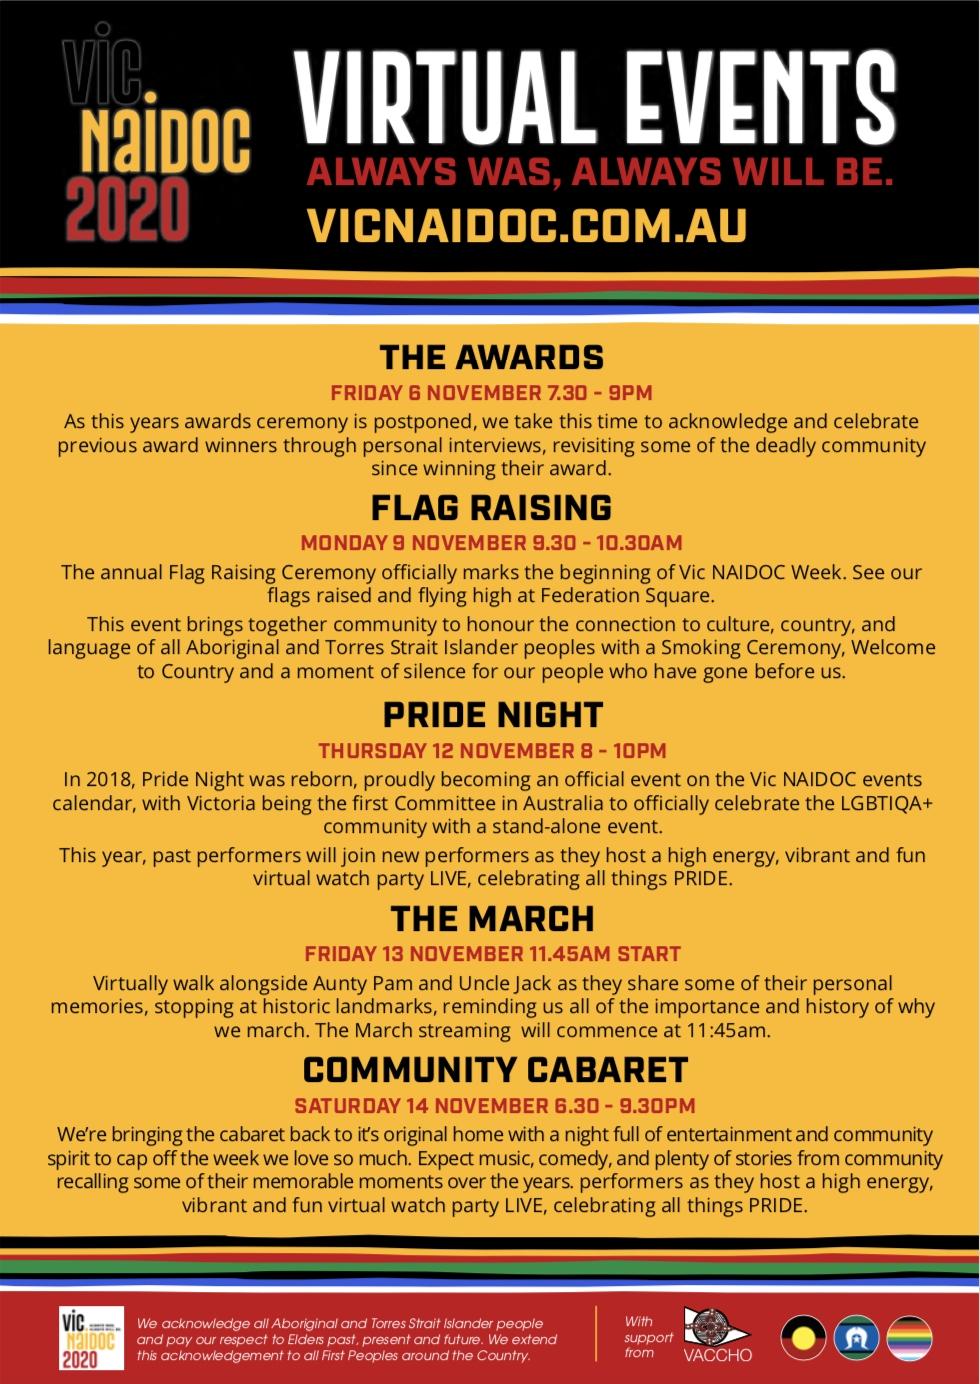 2020 Naidoc Week Virtual Events